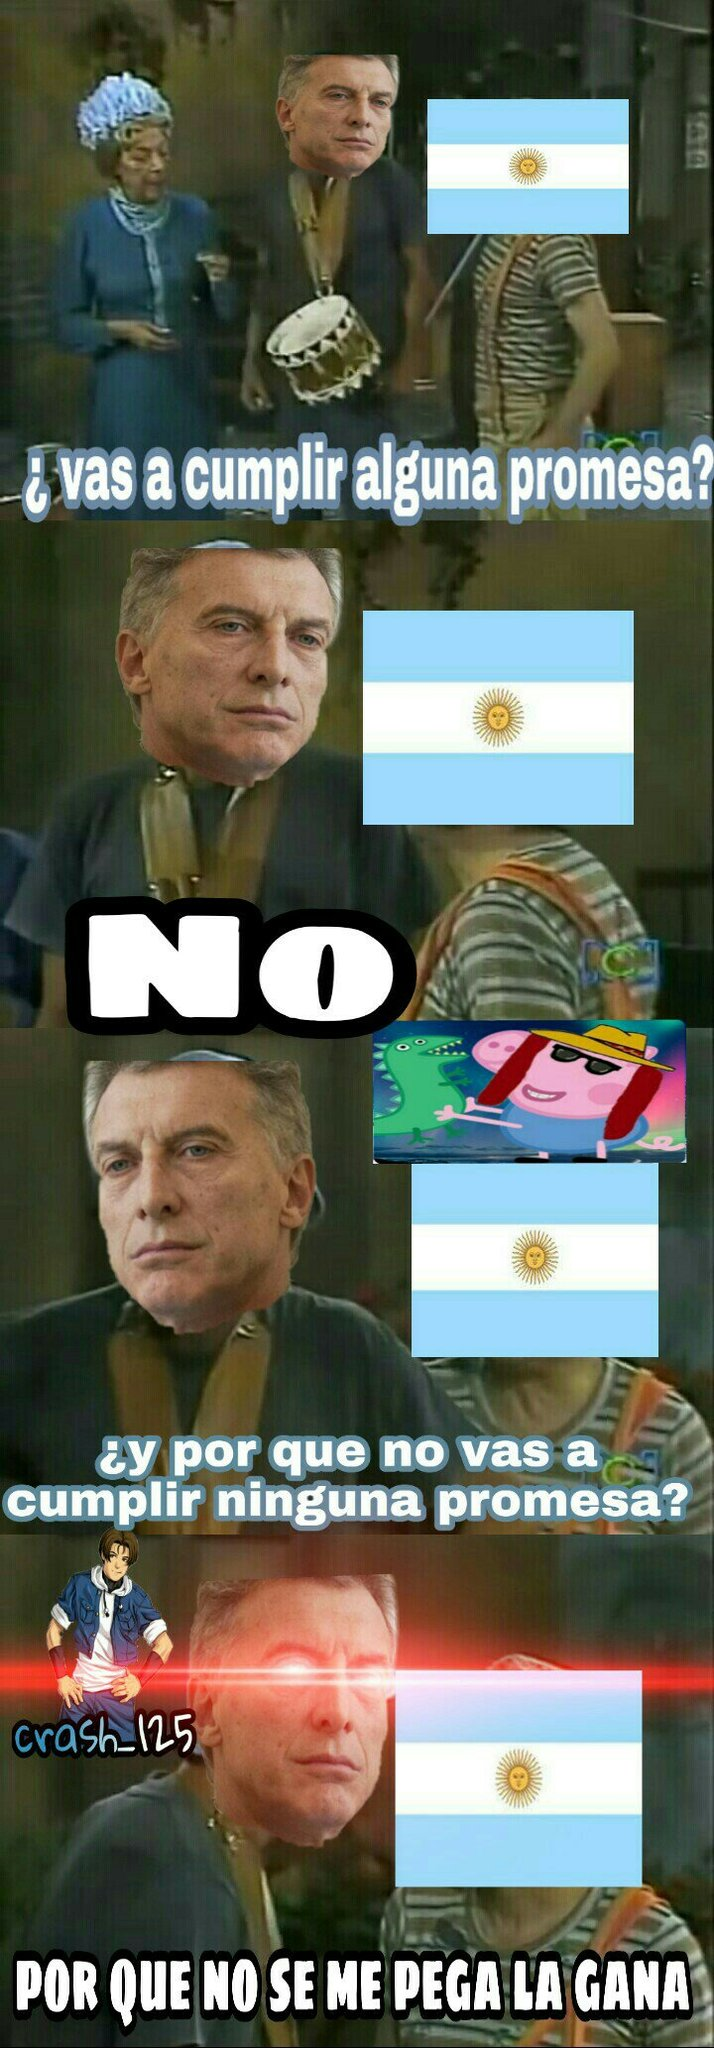 Collab con ert1589 - meme